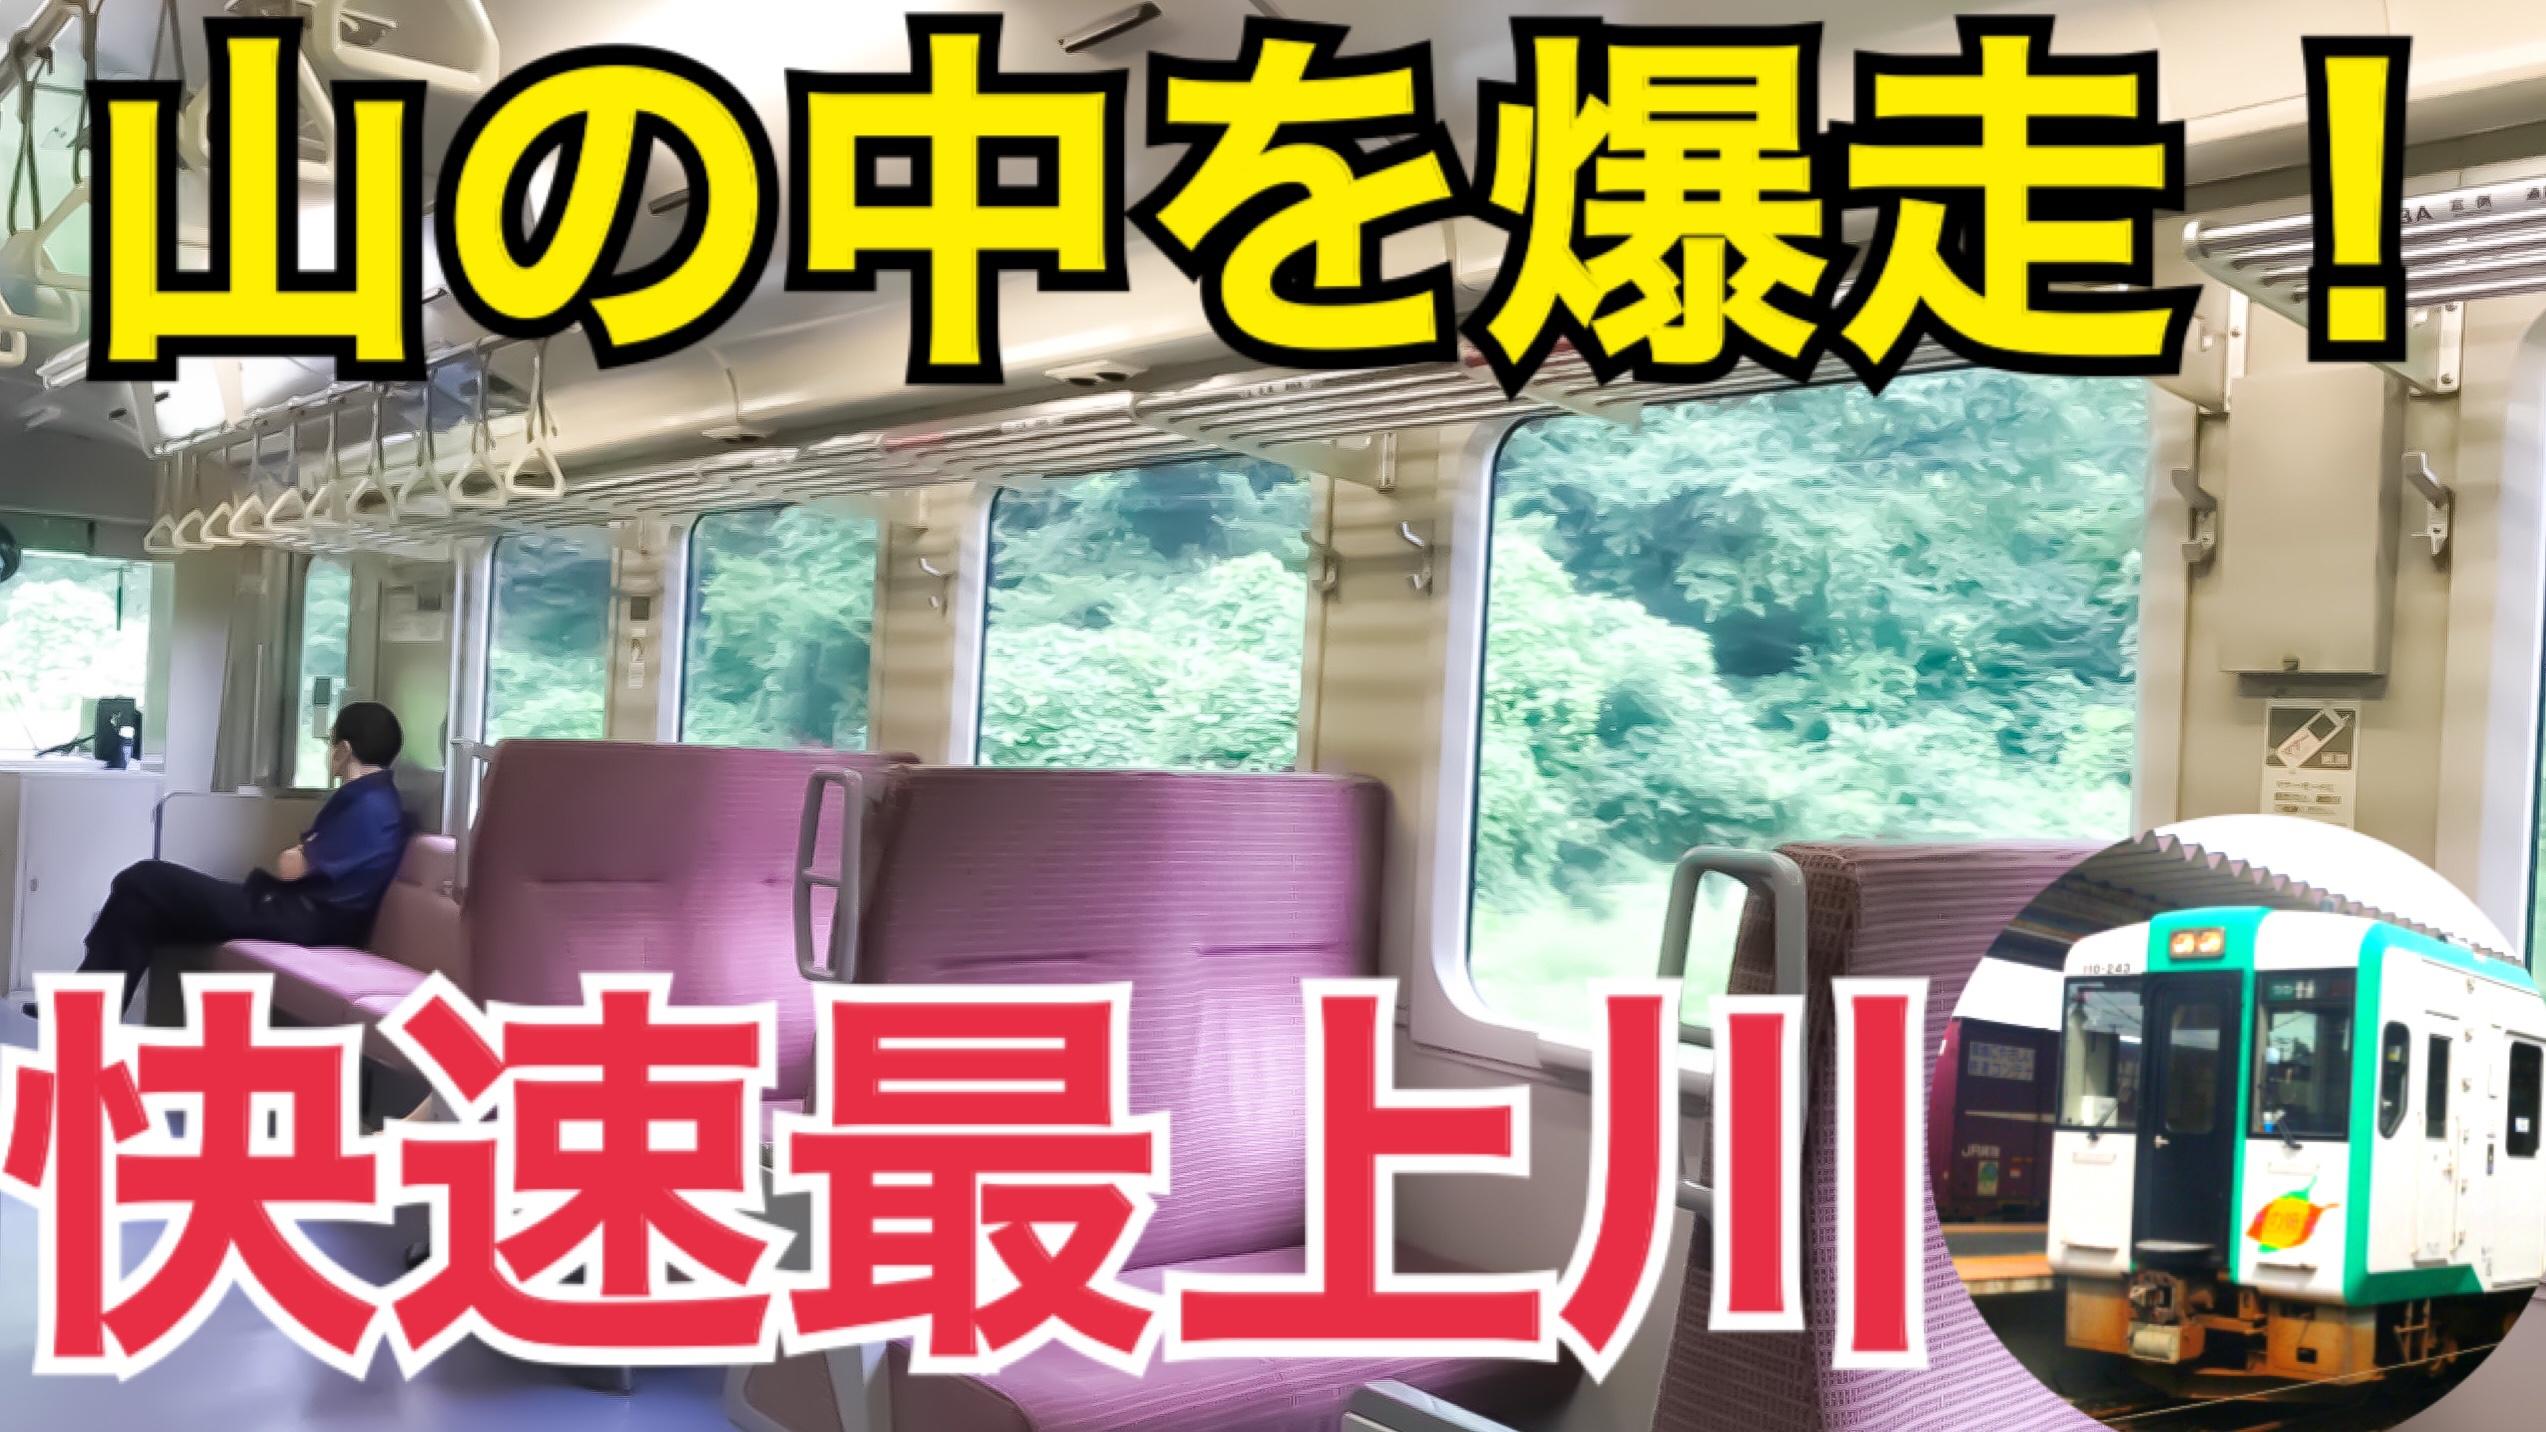 鉄道旅行の楽しさ凝縮!快速最上川乗車記 高速運転と絶景がすごすぎる!【北海道東日本パスの旅2020】